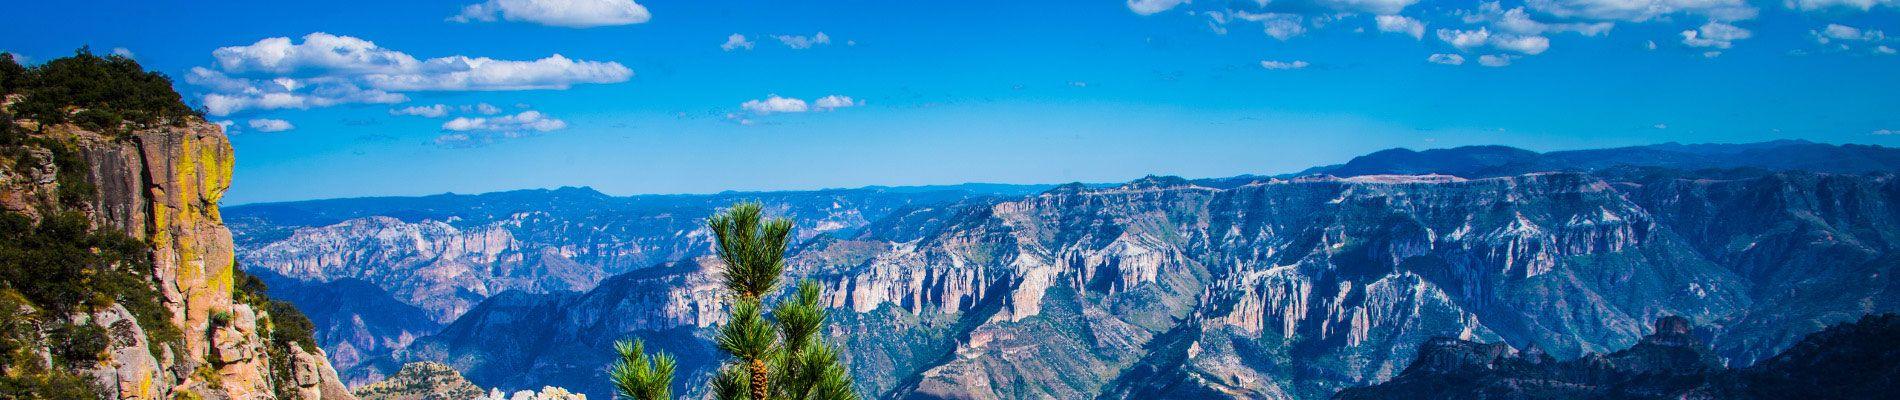 mexique-canyon-cuivre-paysage